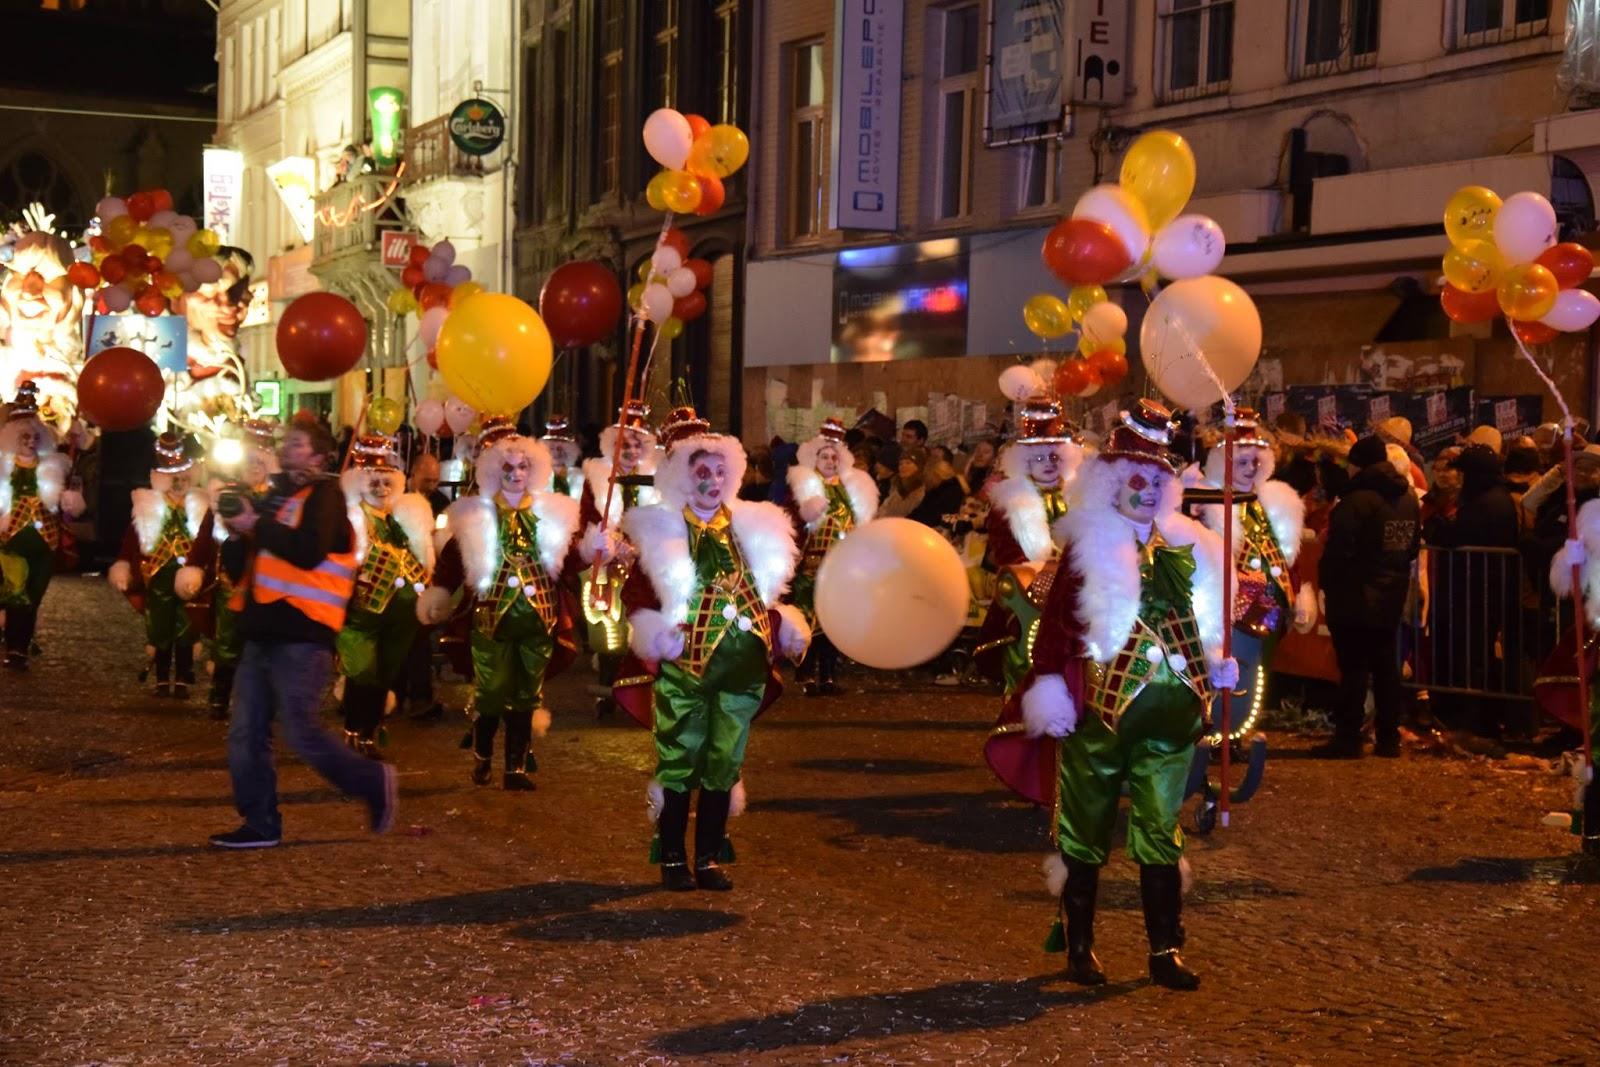 Carnaval Aalst foto- en videoblog: Carnaval 2015: AKV De